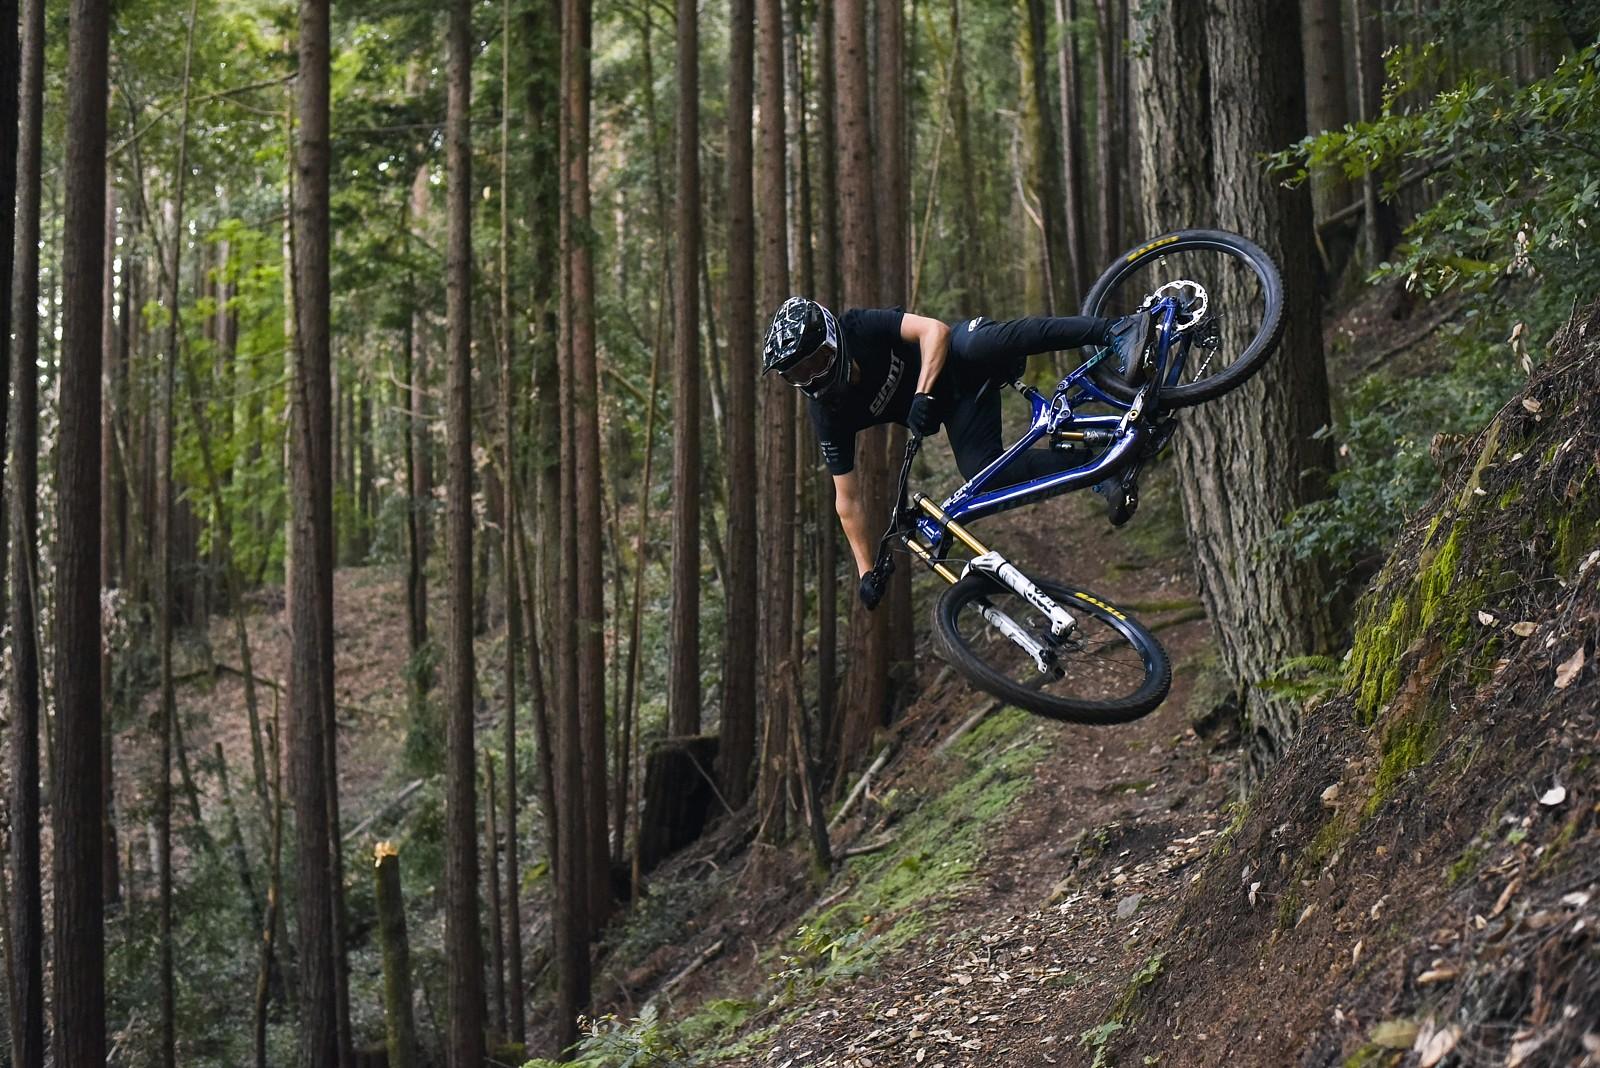 IMG 8239 - Dono_Francis - Mountain Biking Pictures - Vital MTB